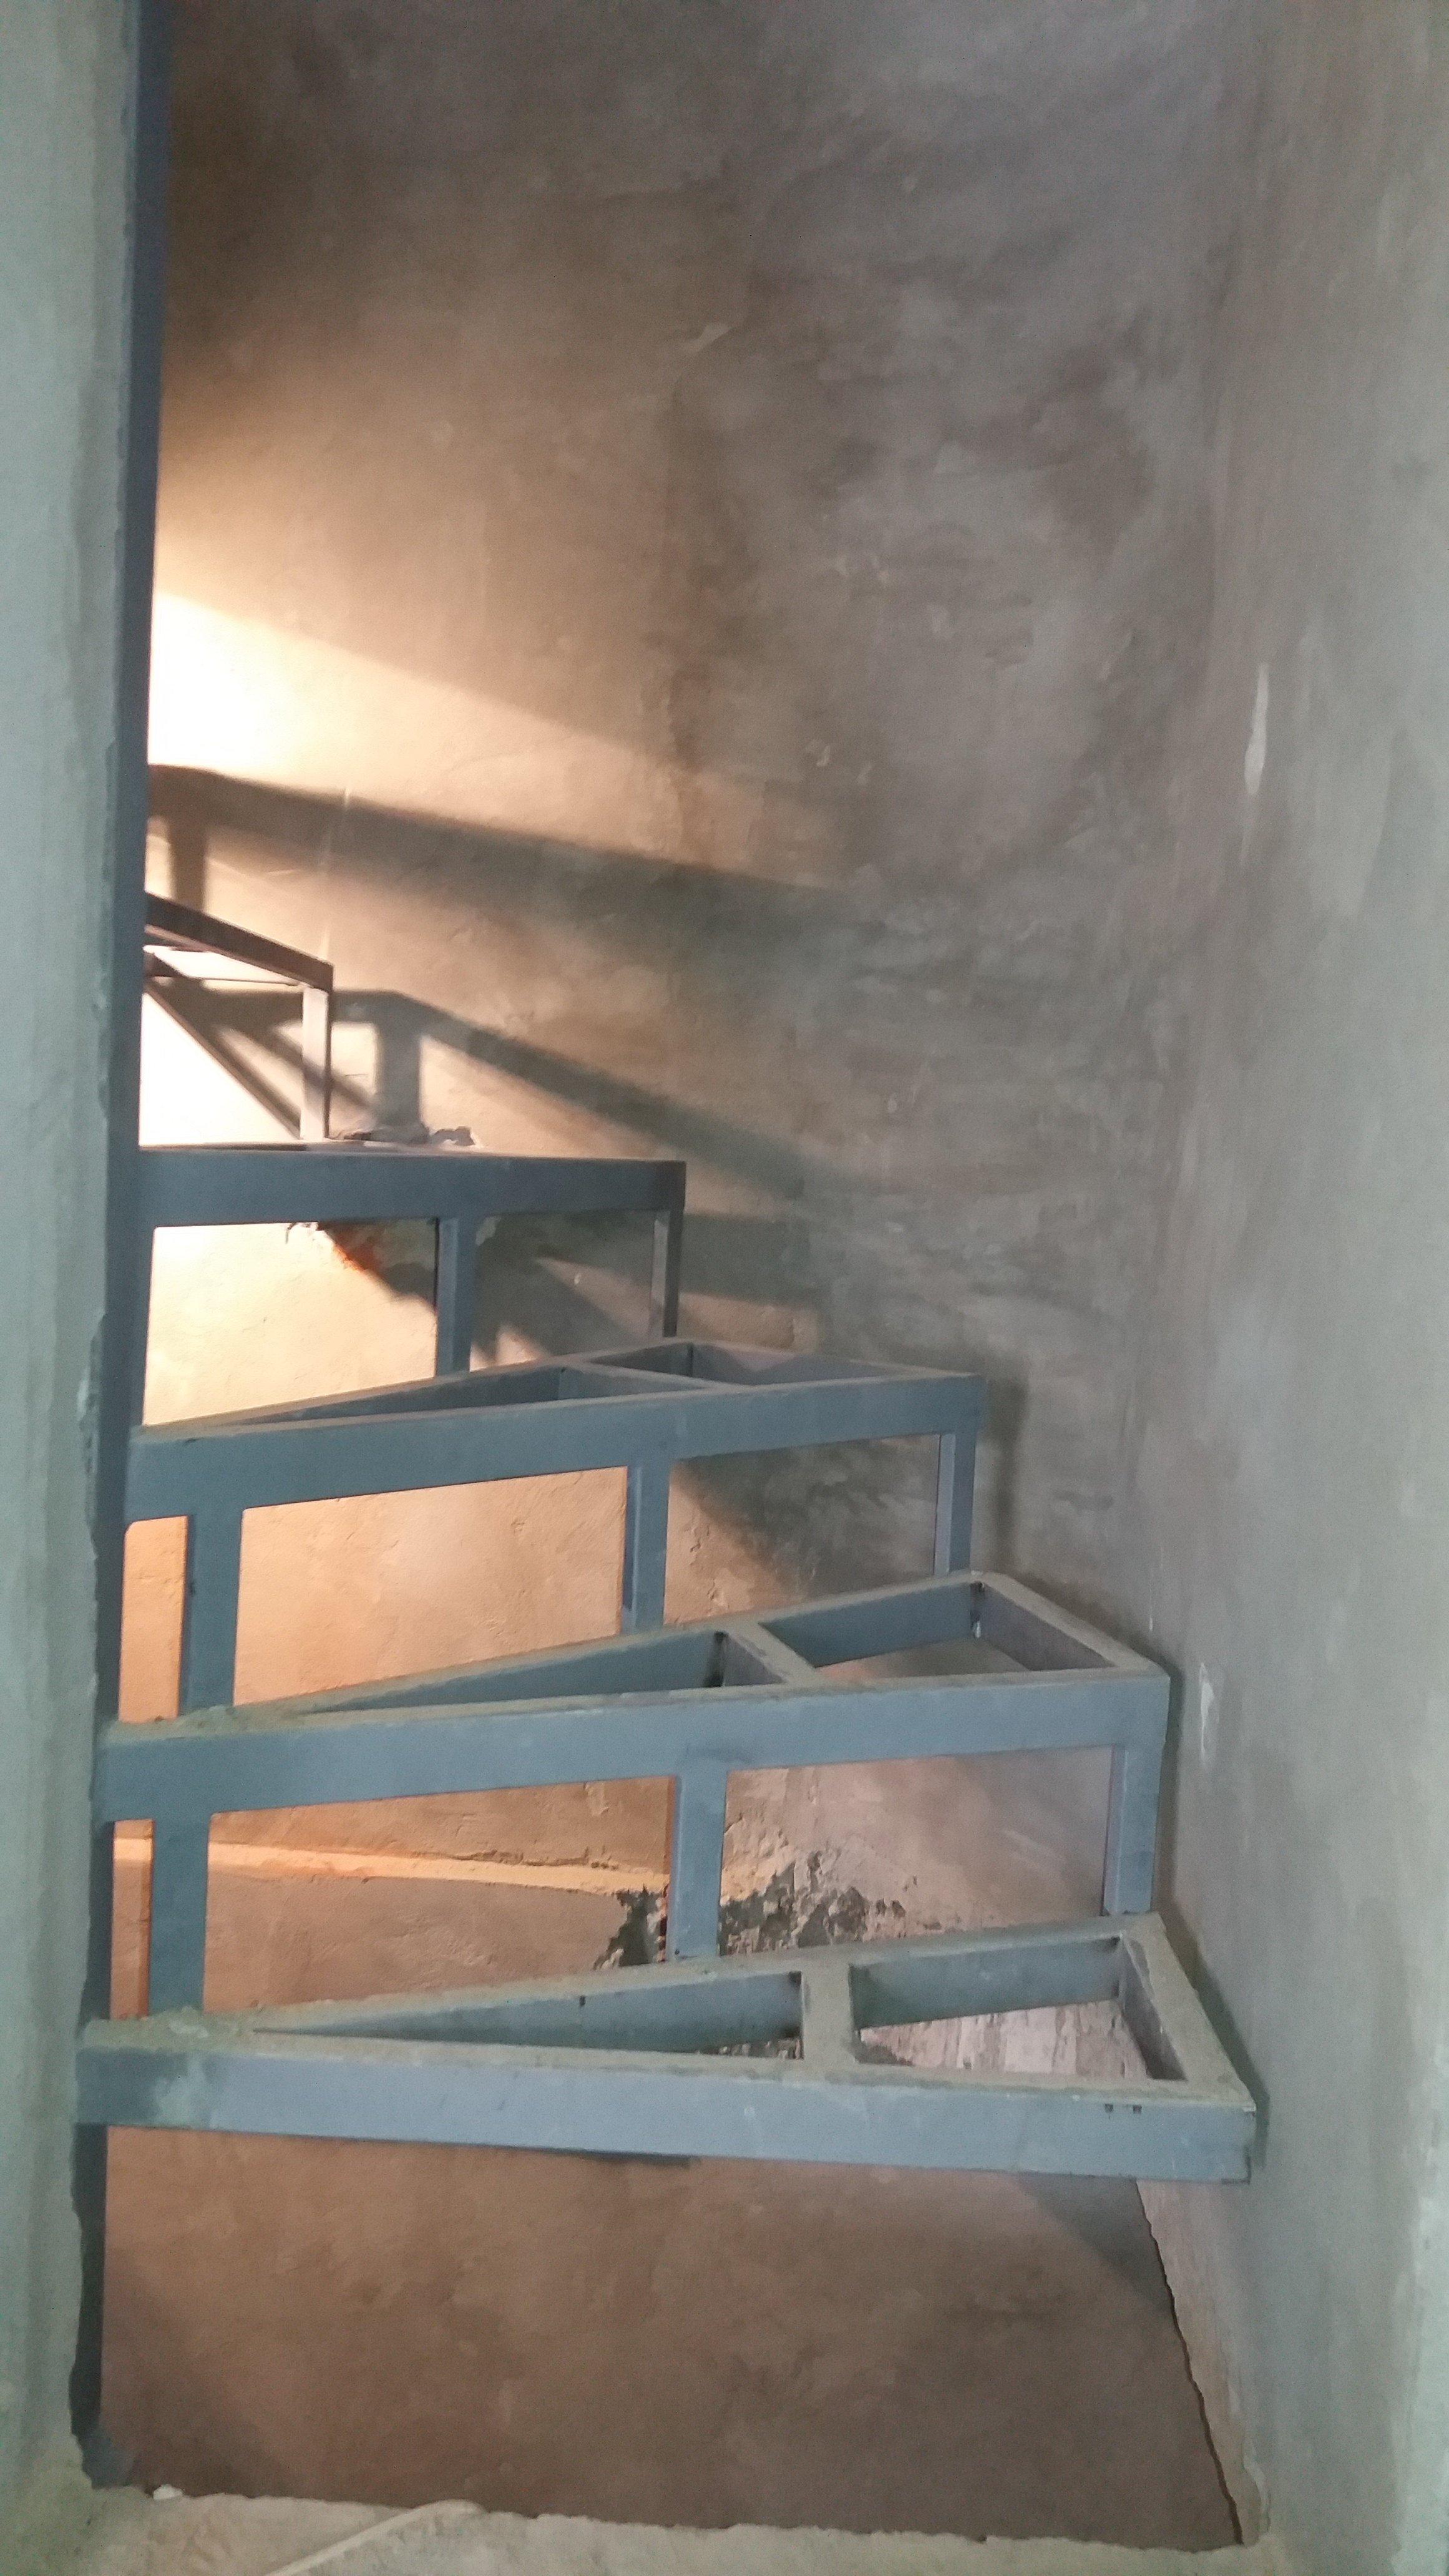 Izrada čelične konstrukcije za stepenice 3